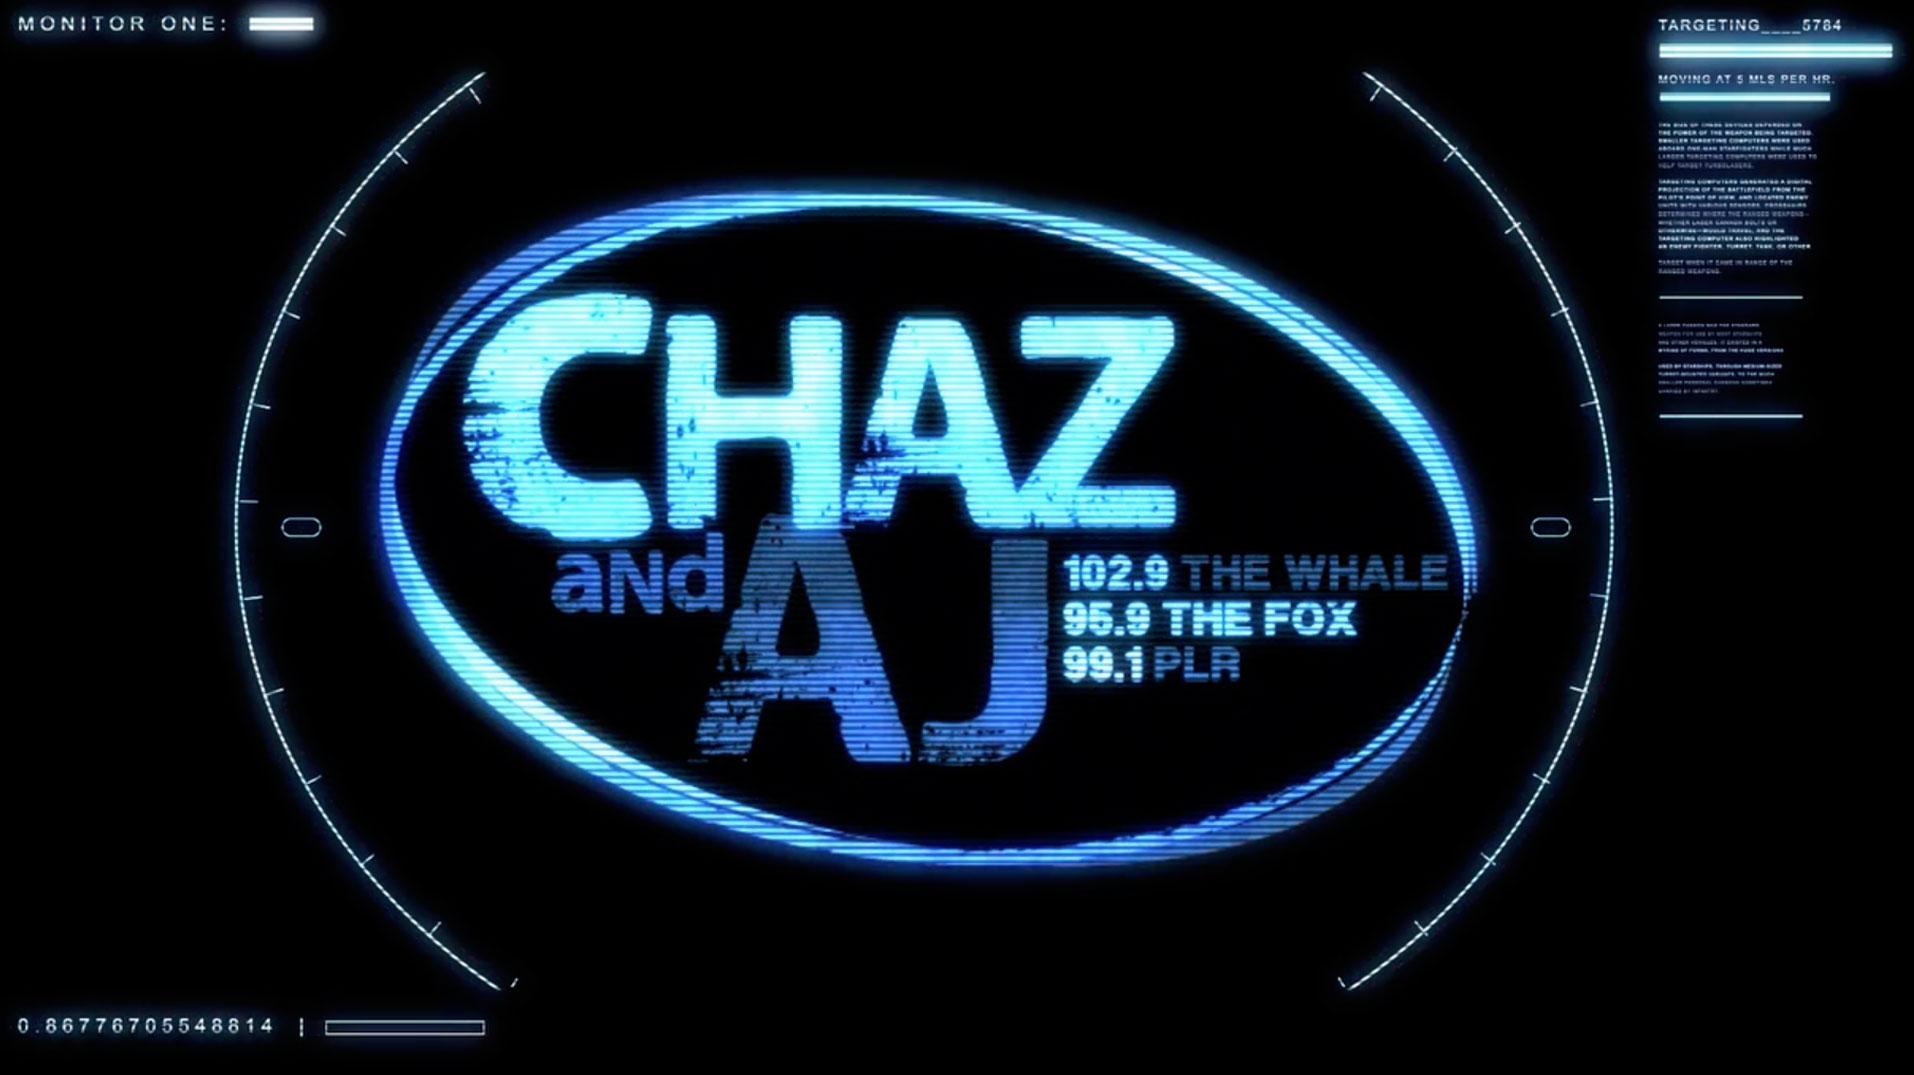 Chaz-AJ